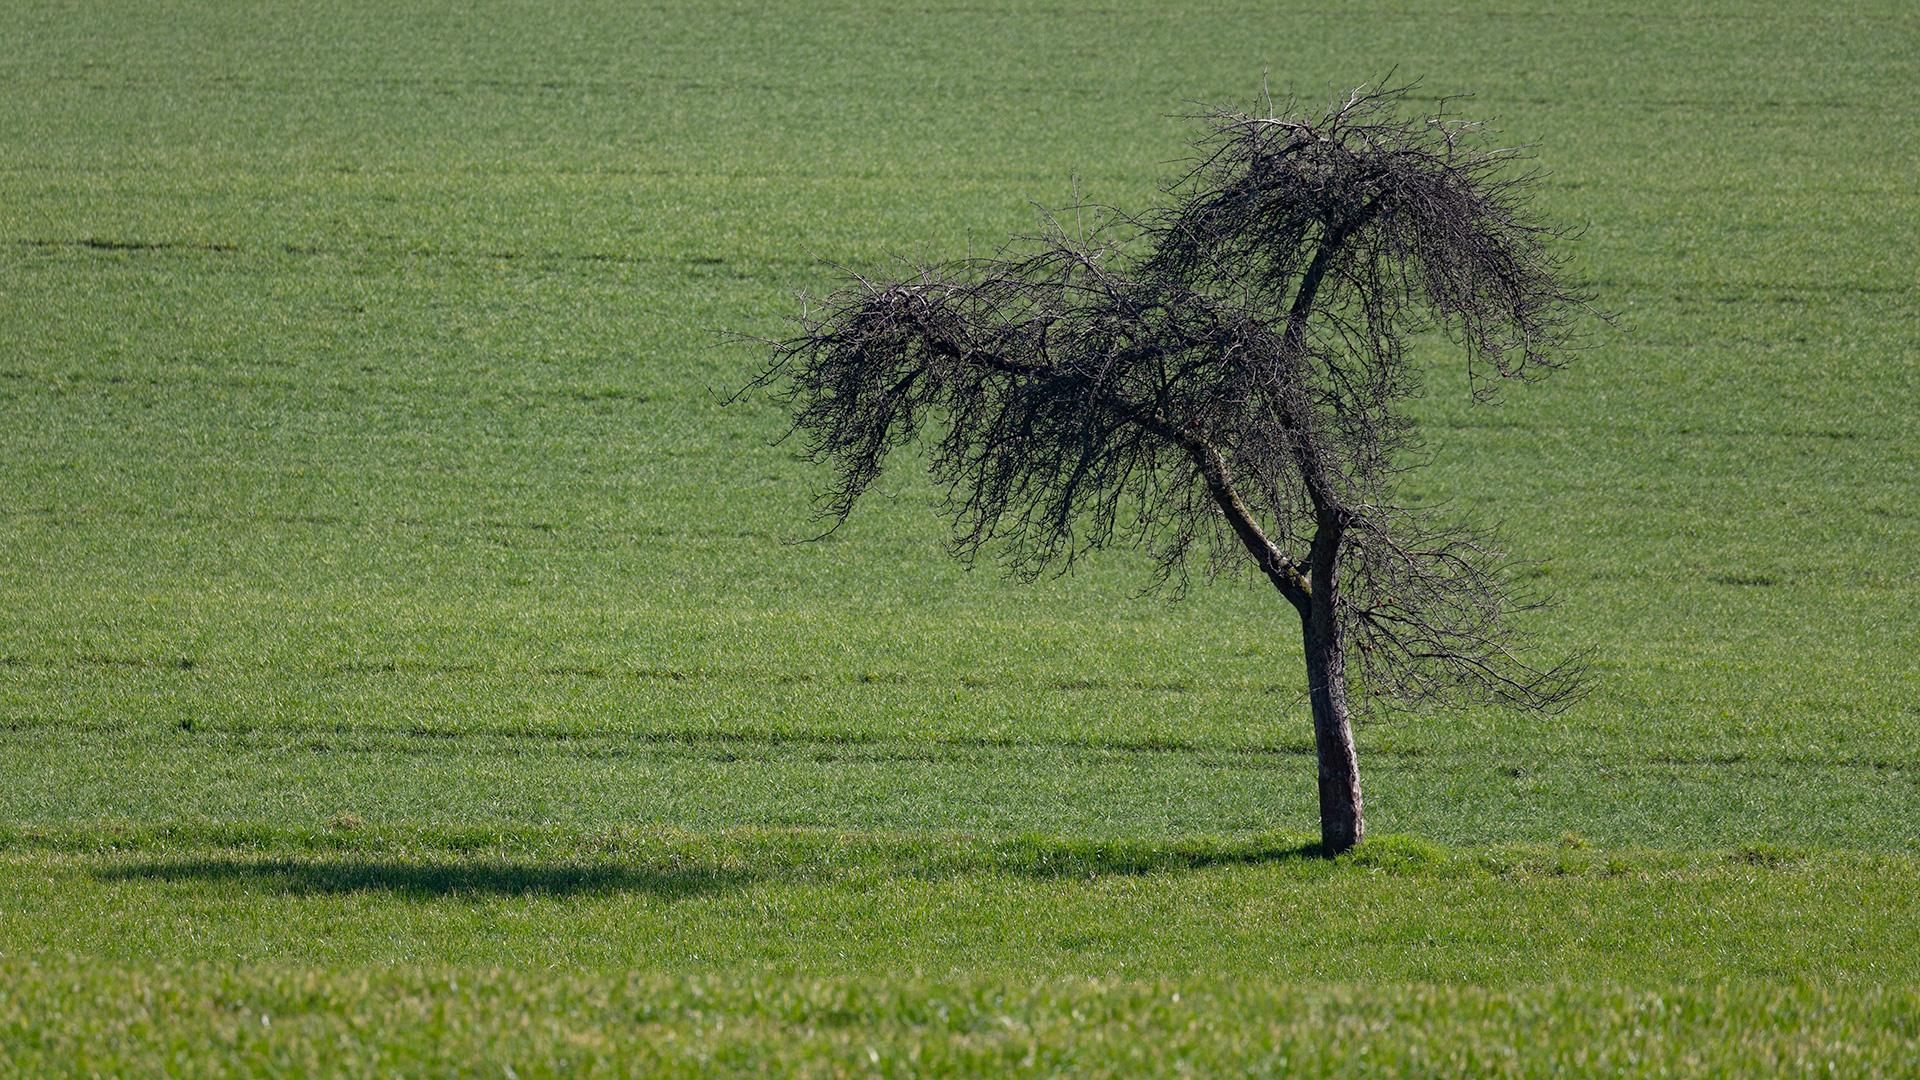 der Baum, die Wiese und der Schatten